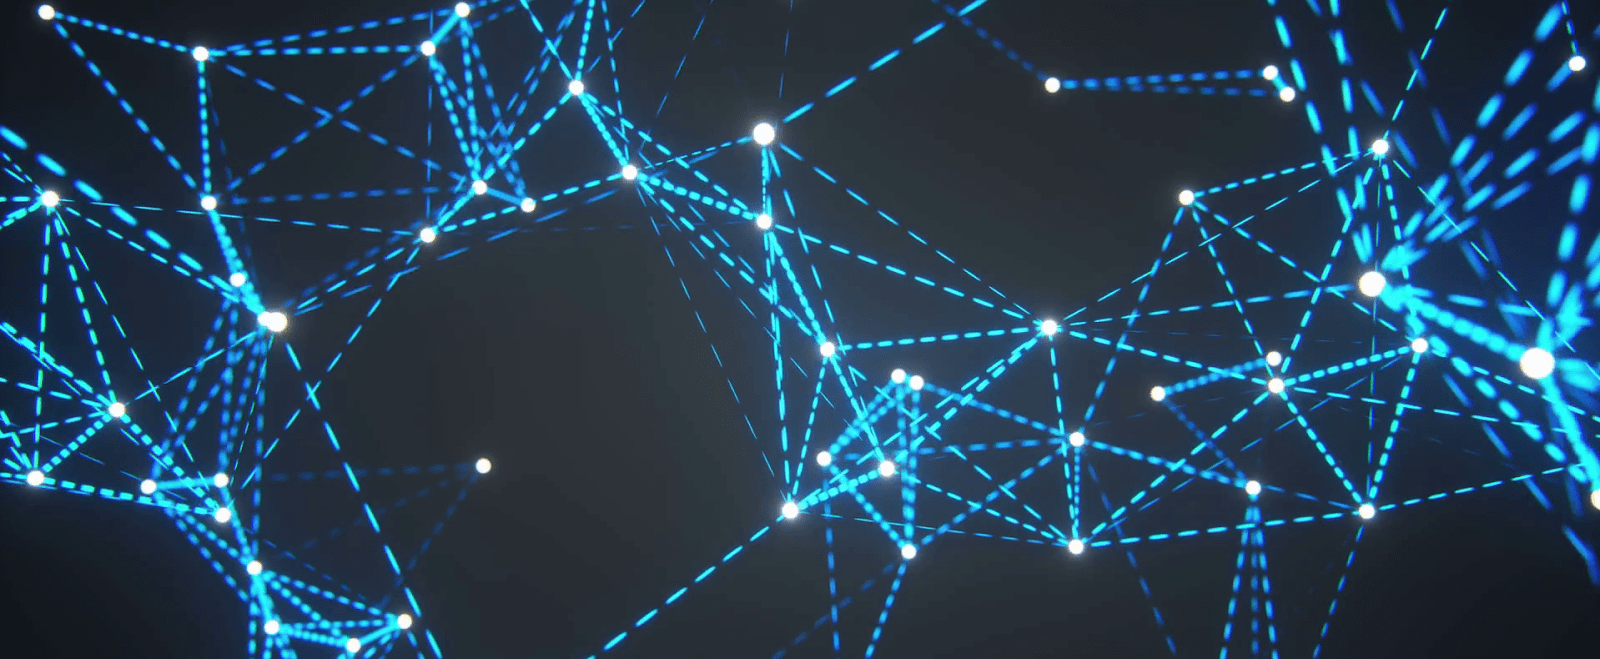 Нейрореабелитация после инсульта вышла на новый уровень: ИИ на страже здоровья